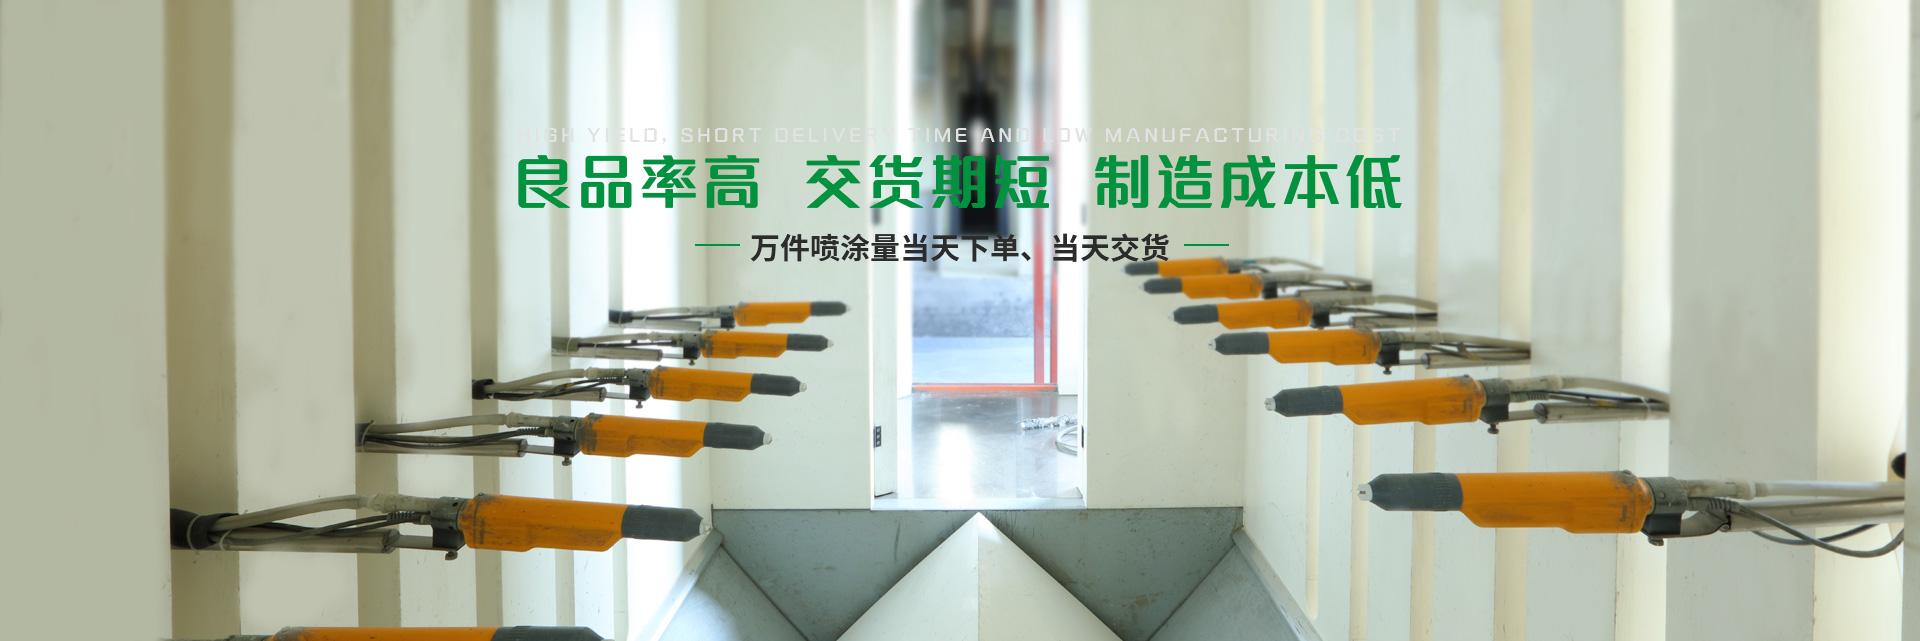 佛山喷涂厂,佛山五金喷涂厂,铝型材喷涂加工,广州五金喷涂加工